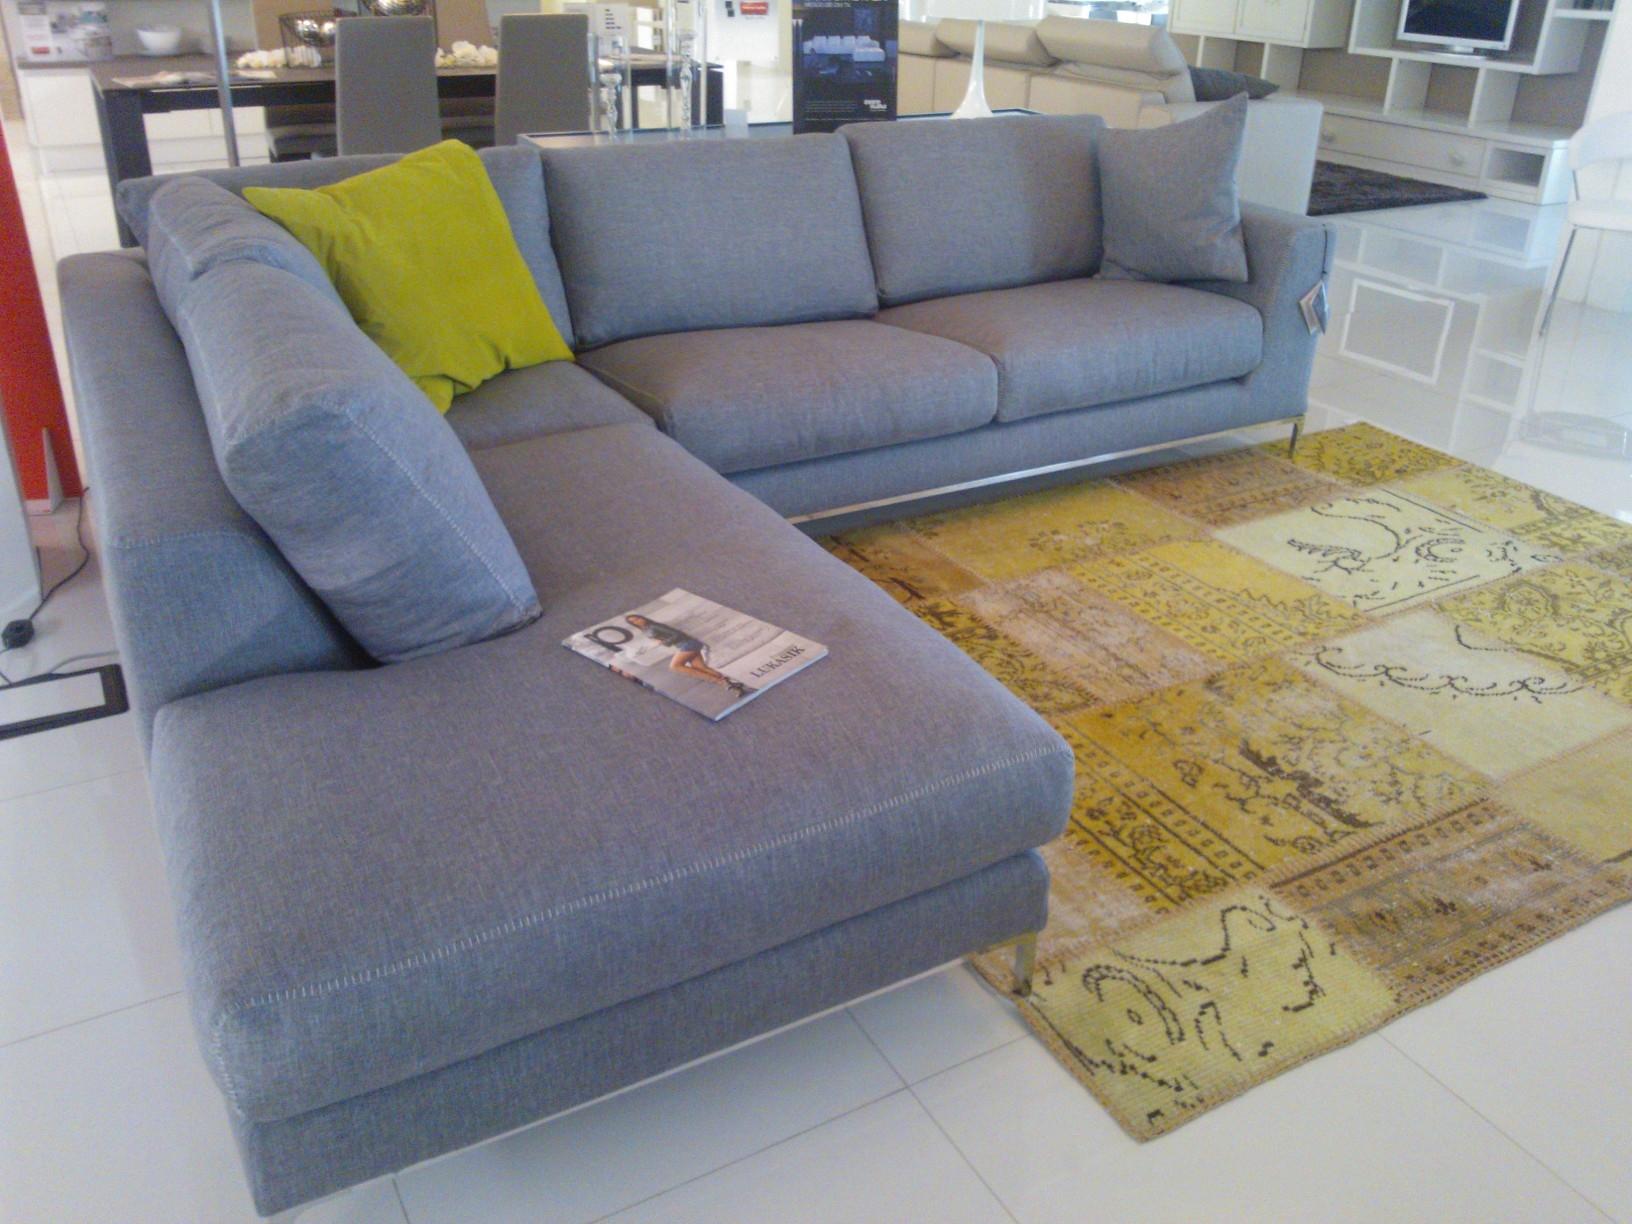 Divano ditre italia artis scontato del 51 divani a - Altezza seduta divano ...